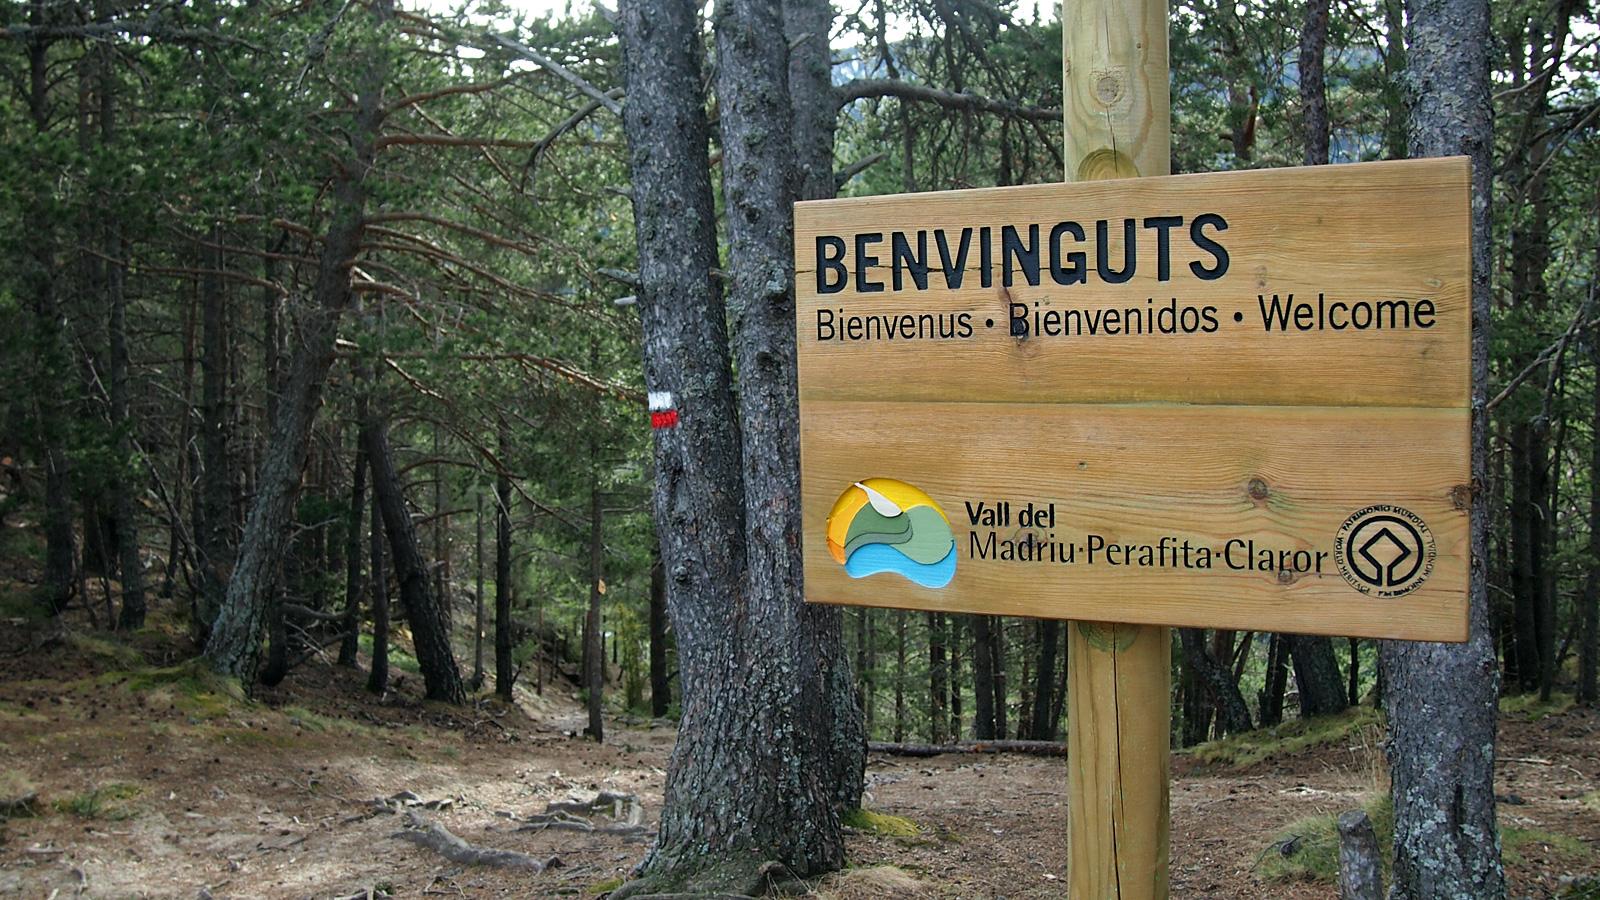 Sur toute la superficie d'Andorre, il existe trois parcs naturels, il s'agit probablement de l'une des plus grandes concentrations de ces espaces protégés dans le monde